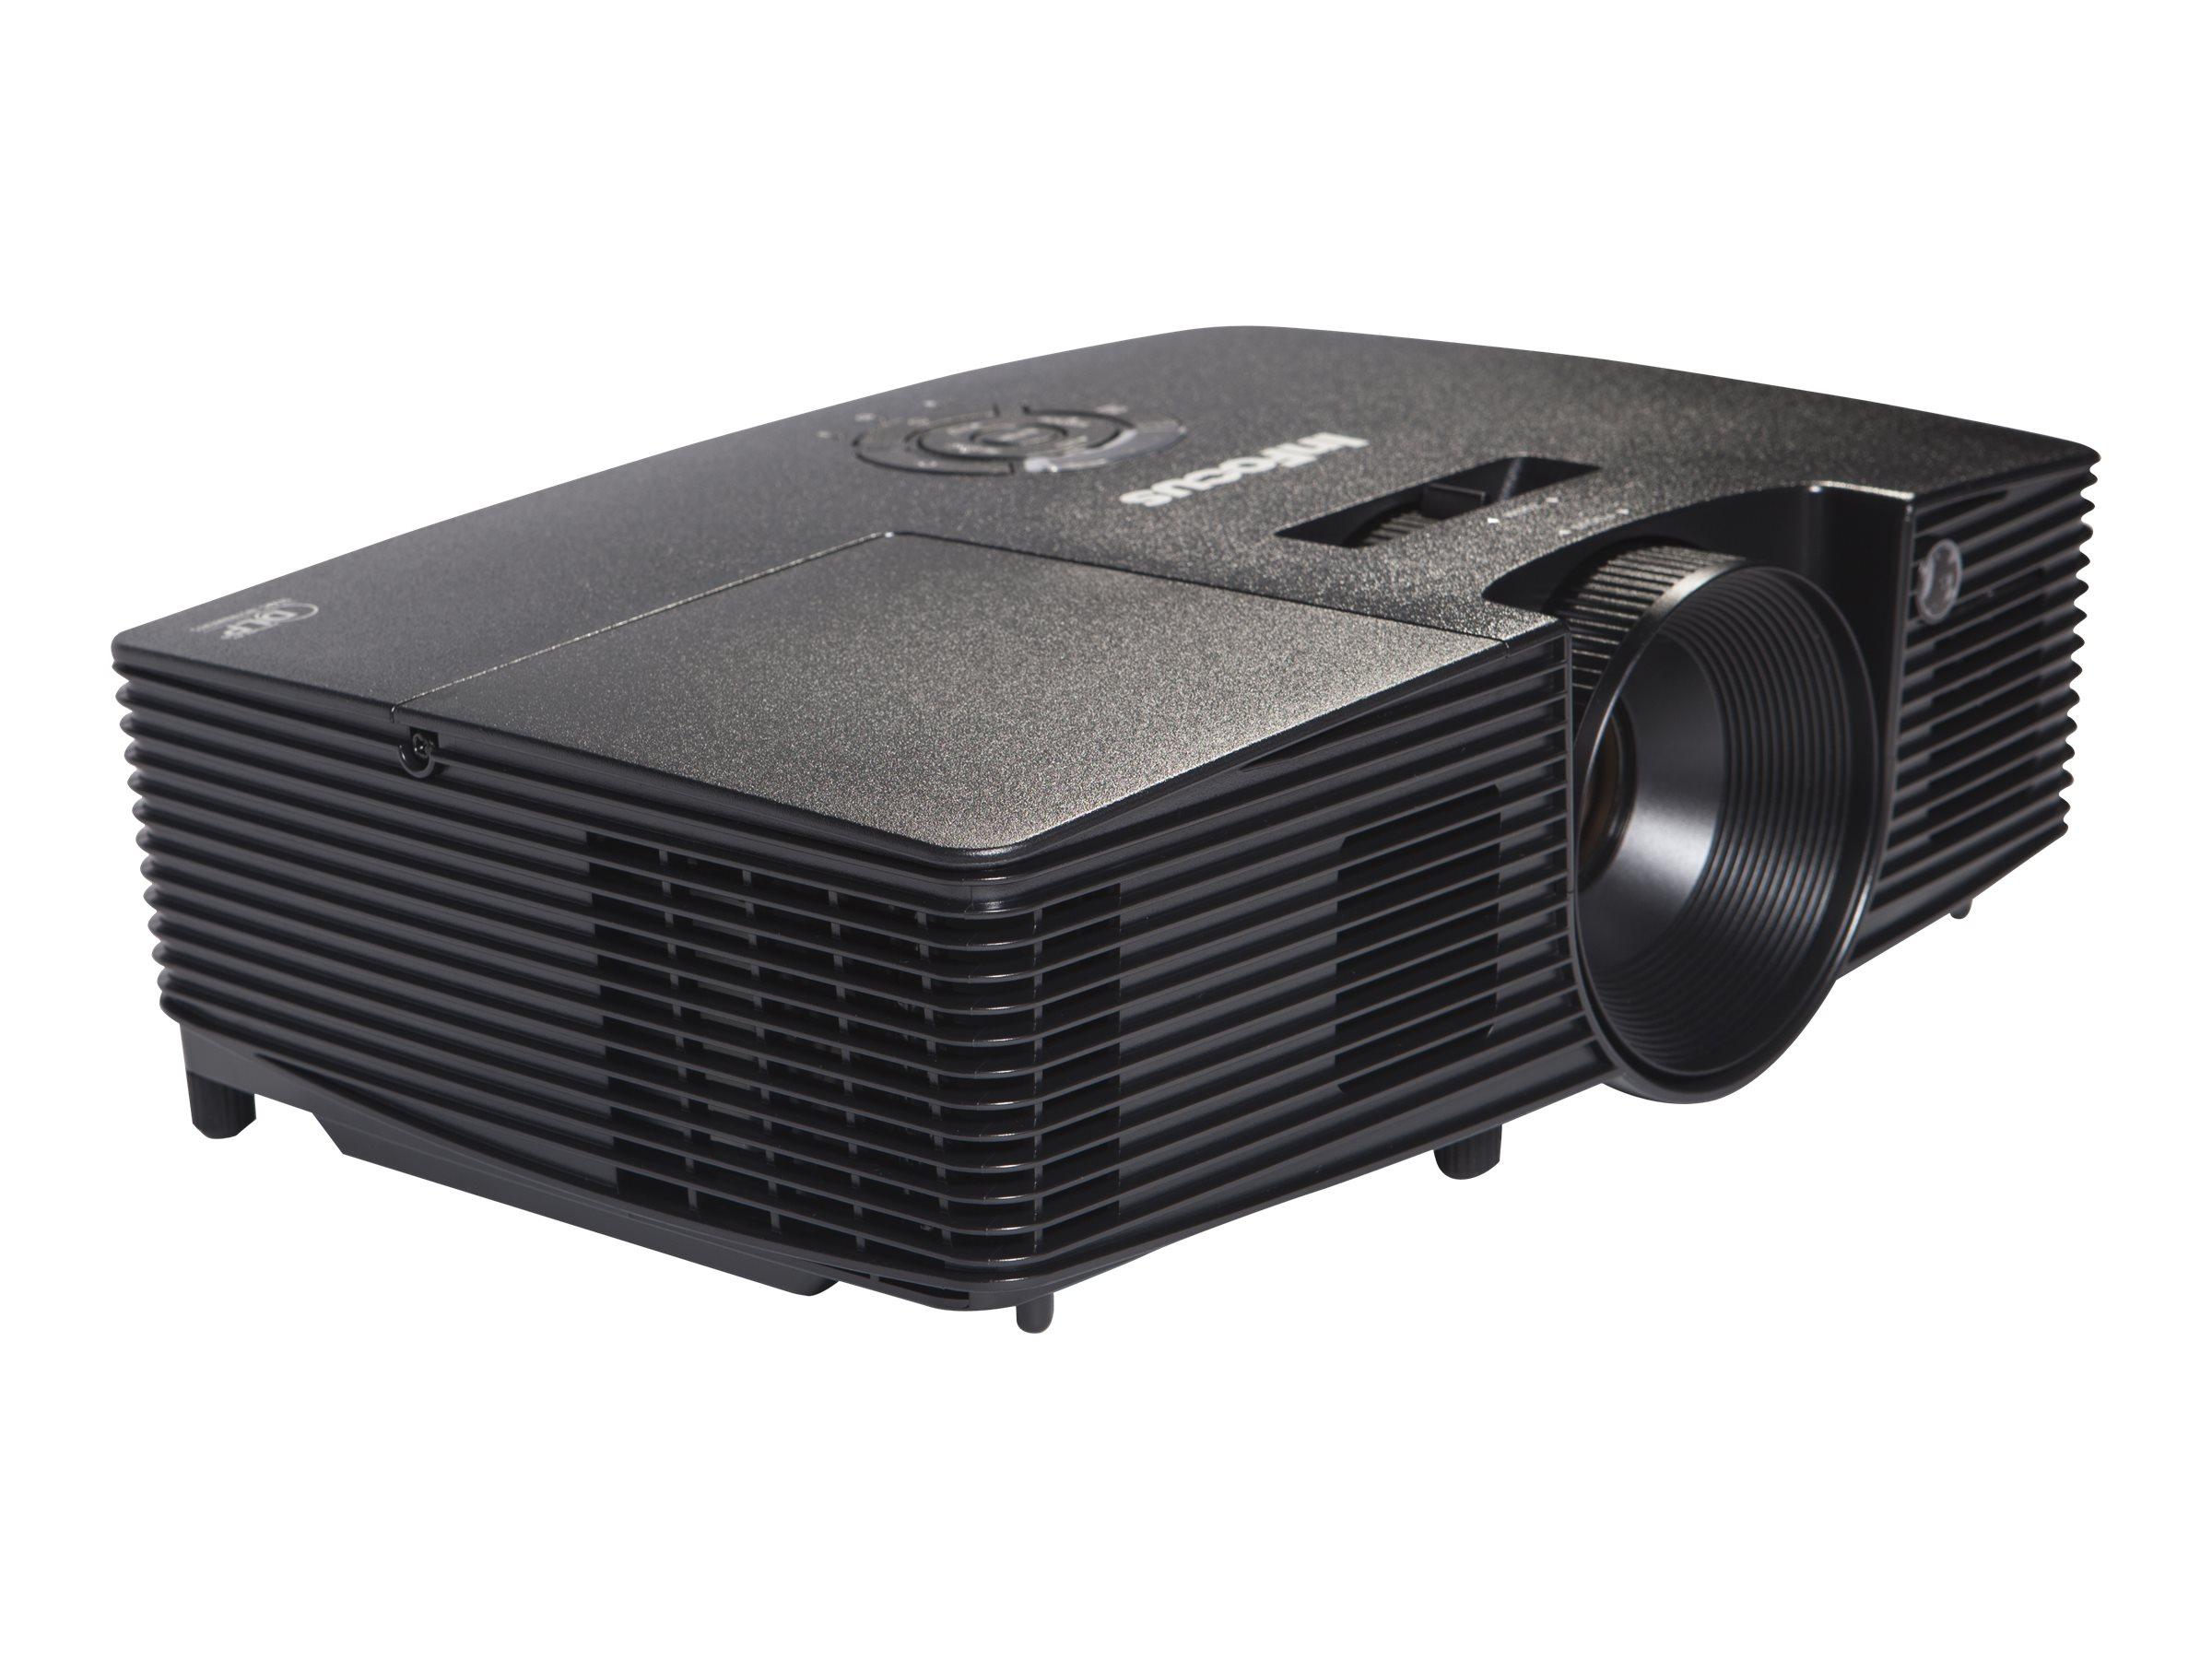 InFocus IN112xa - DLP projector - zoom lens - portable - 3D